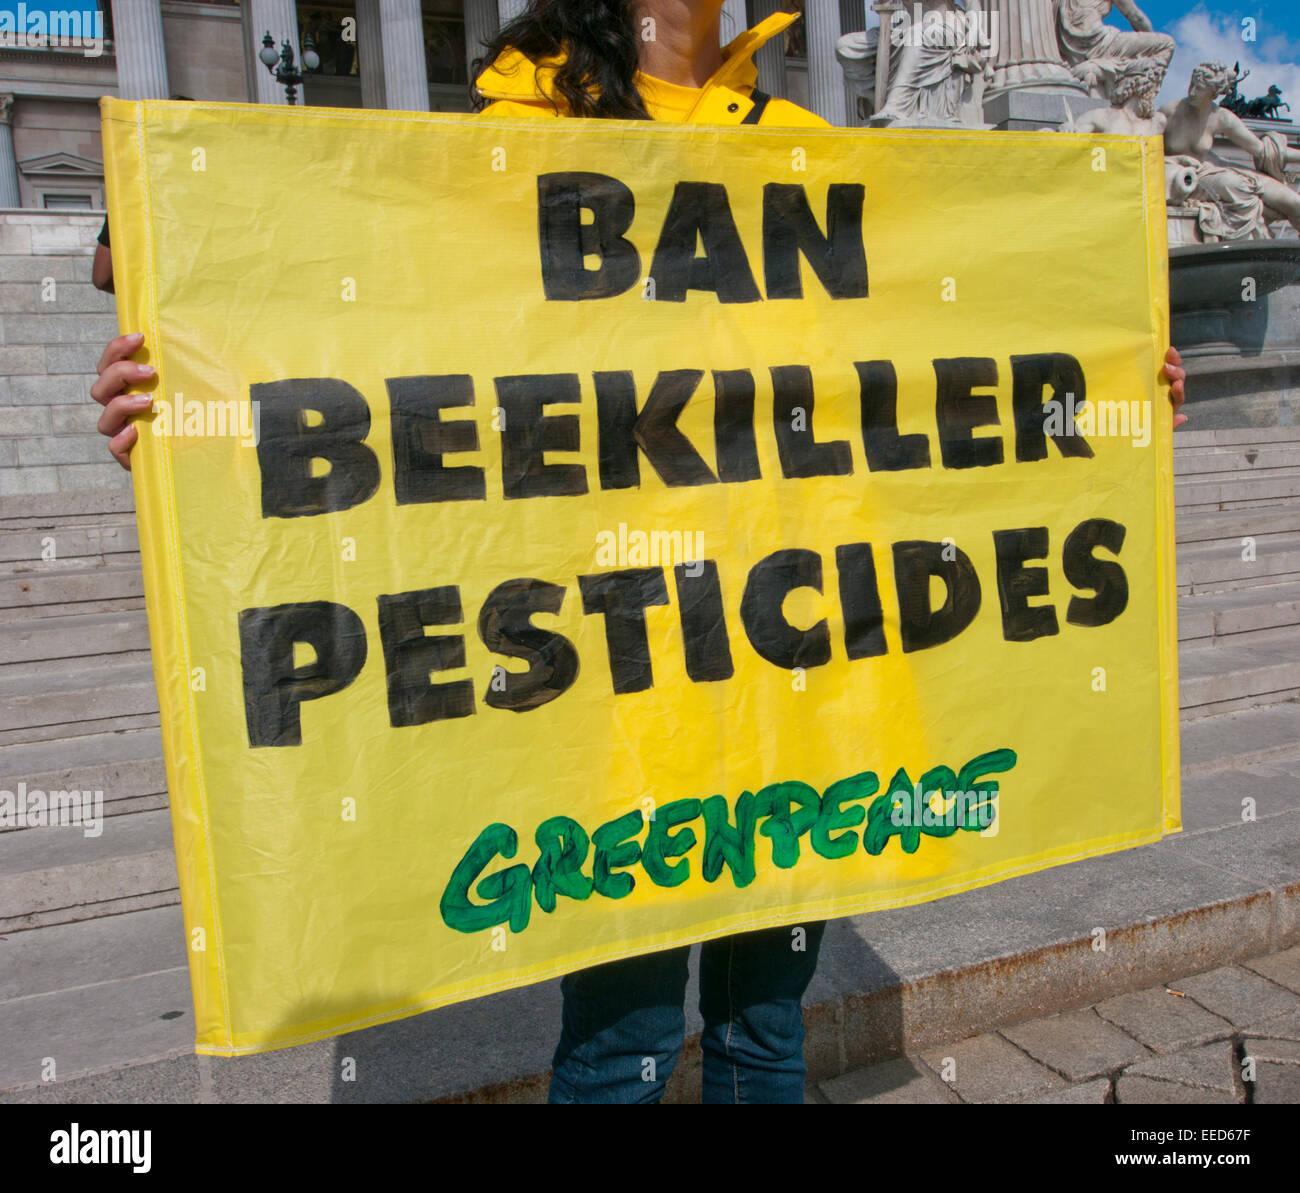 Divieto di killer Bee pesticidi, segno di Greenpeace Immagini Stock